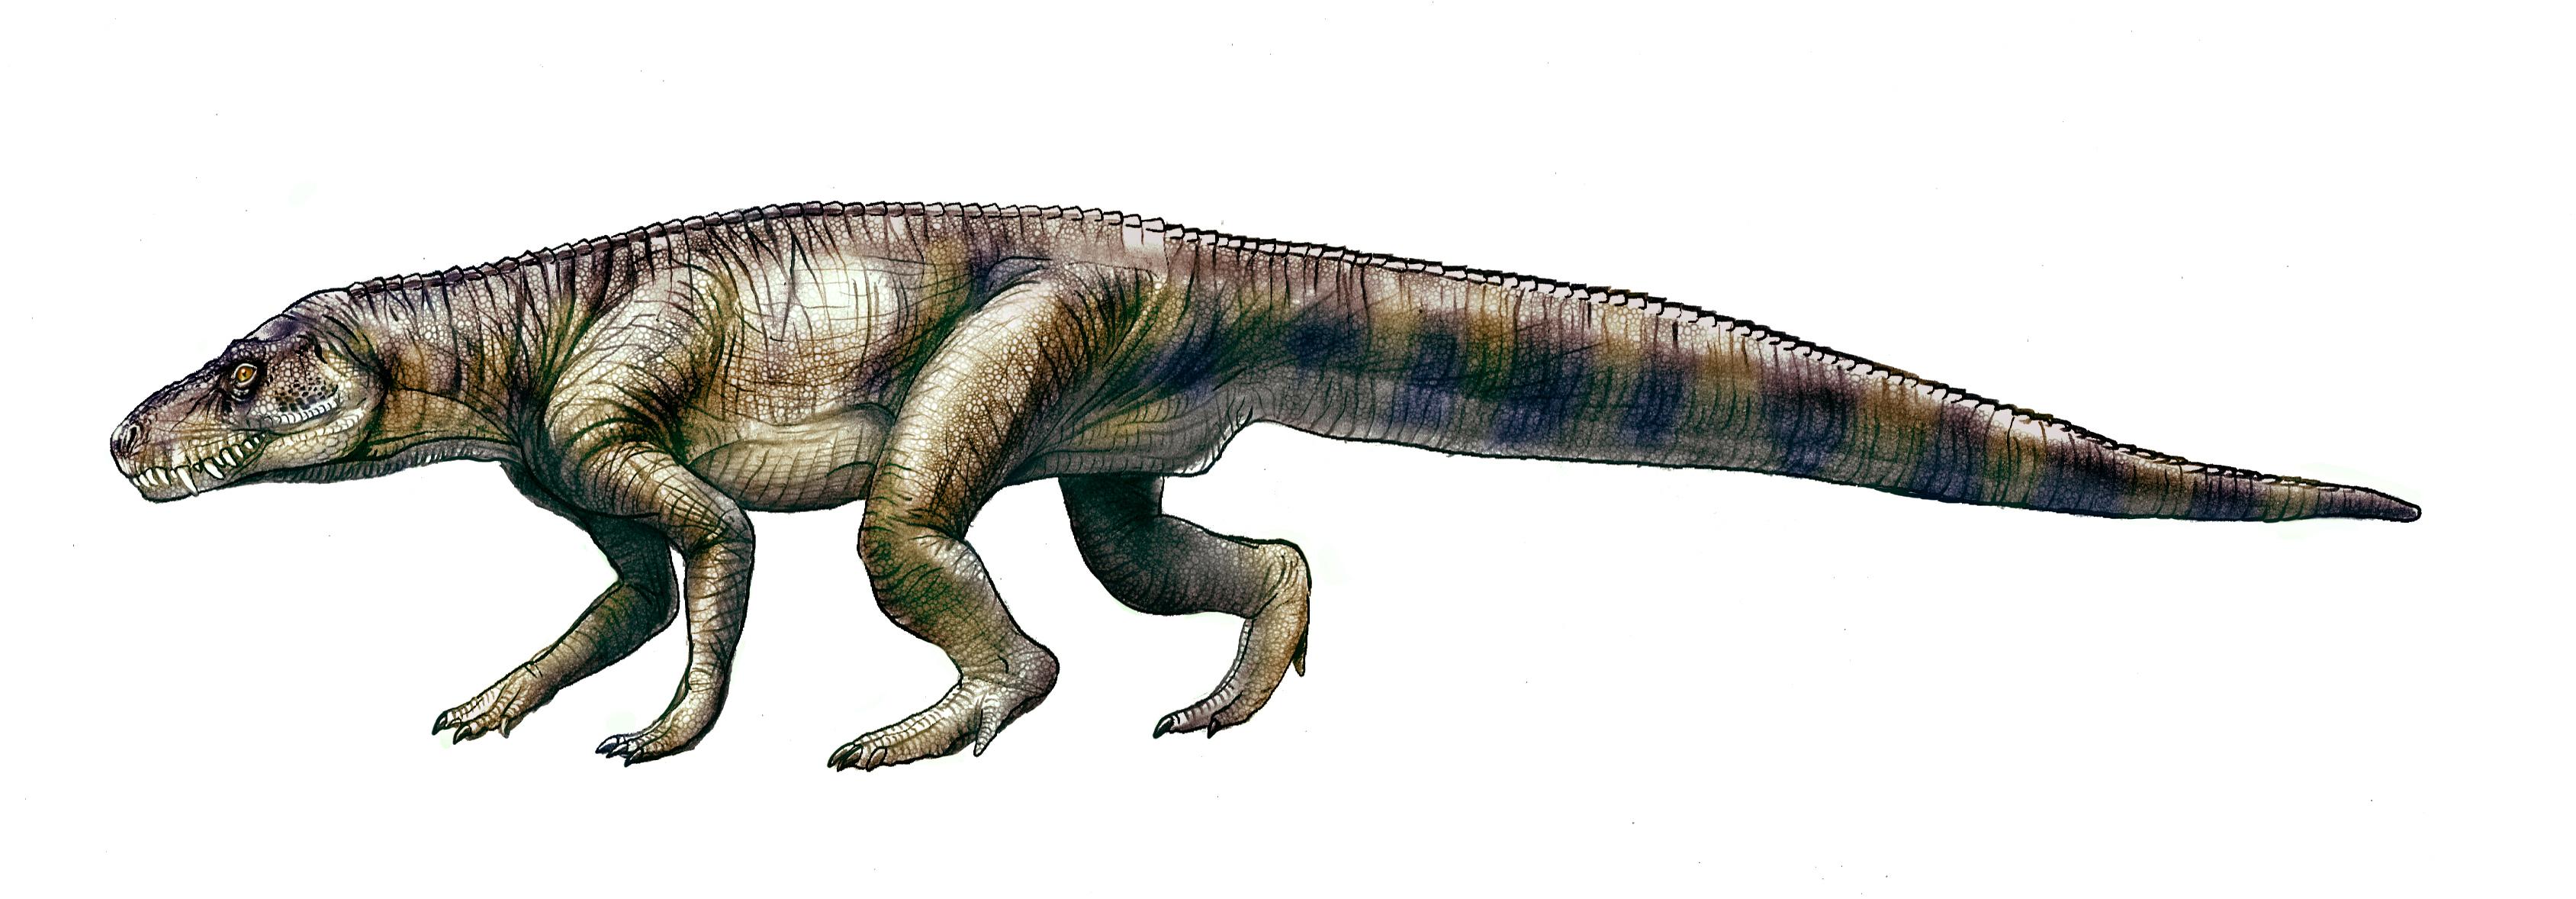 Tras Los Pasos De Los Terribles Reptiles Que Reinaron Antes Que Los Dinosaurios Ciencia El Pais Encuentra los mejores vídeos de dinosaurio. reinaron antes que los dinosaurios